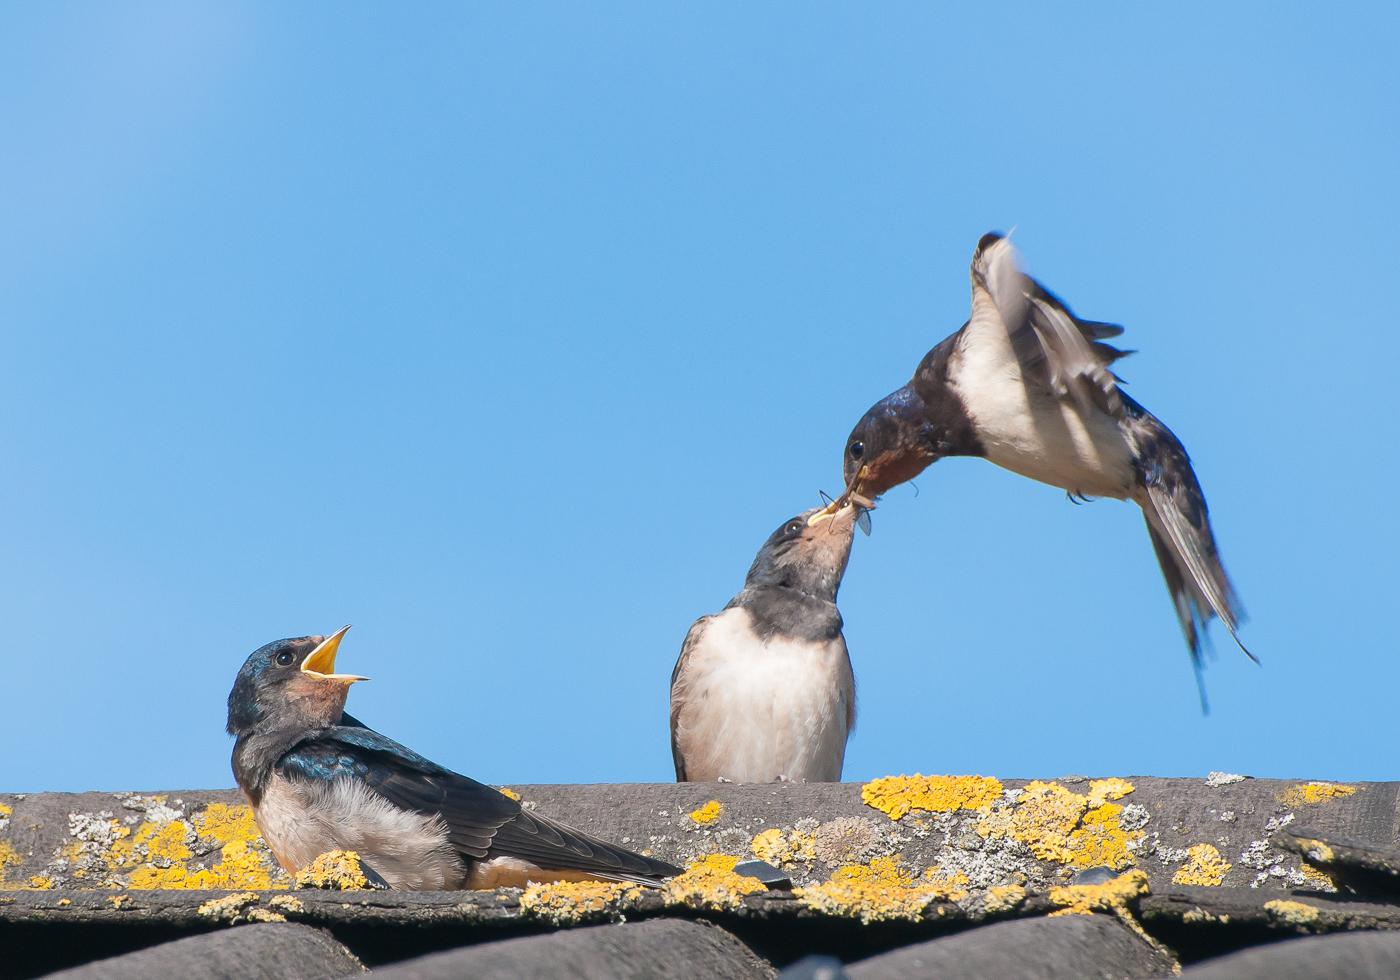 Swallow (Hirundo rustica) feeding a cranefly